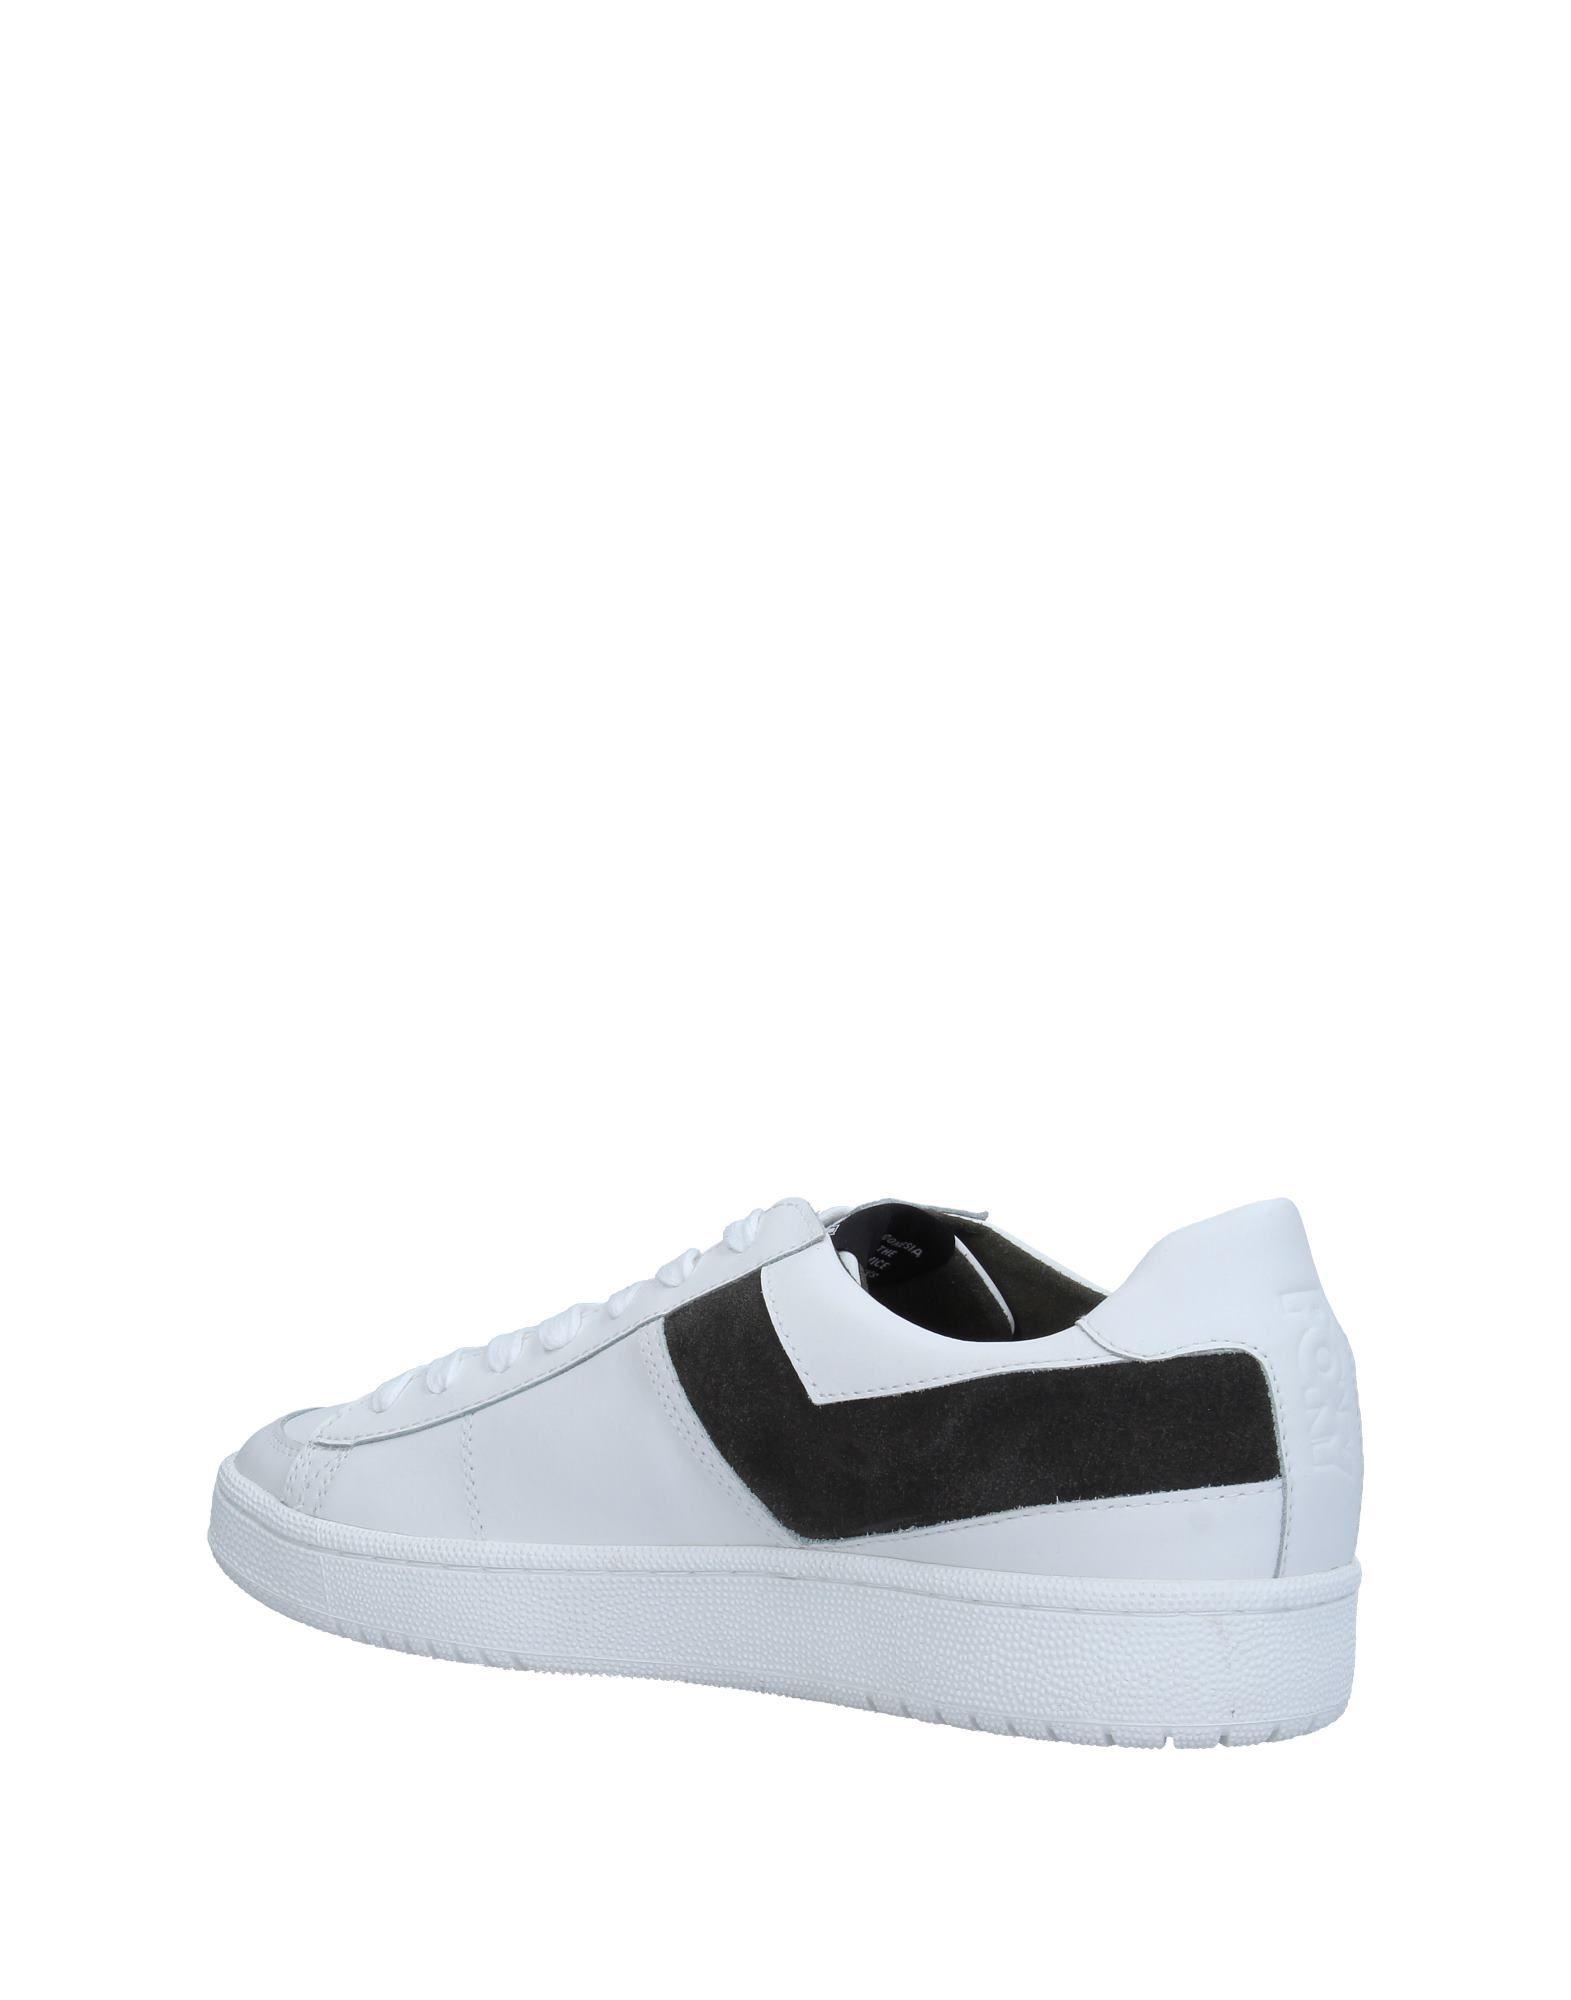 Pony Sneakers Schuhe Herren  11340431VL Heiße Schuhe Sneakers 45c314